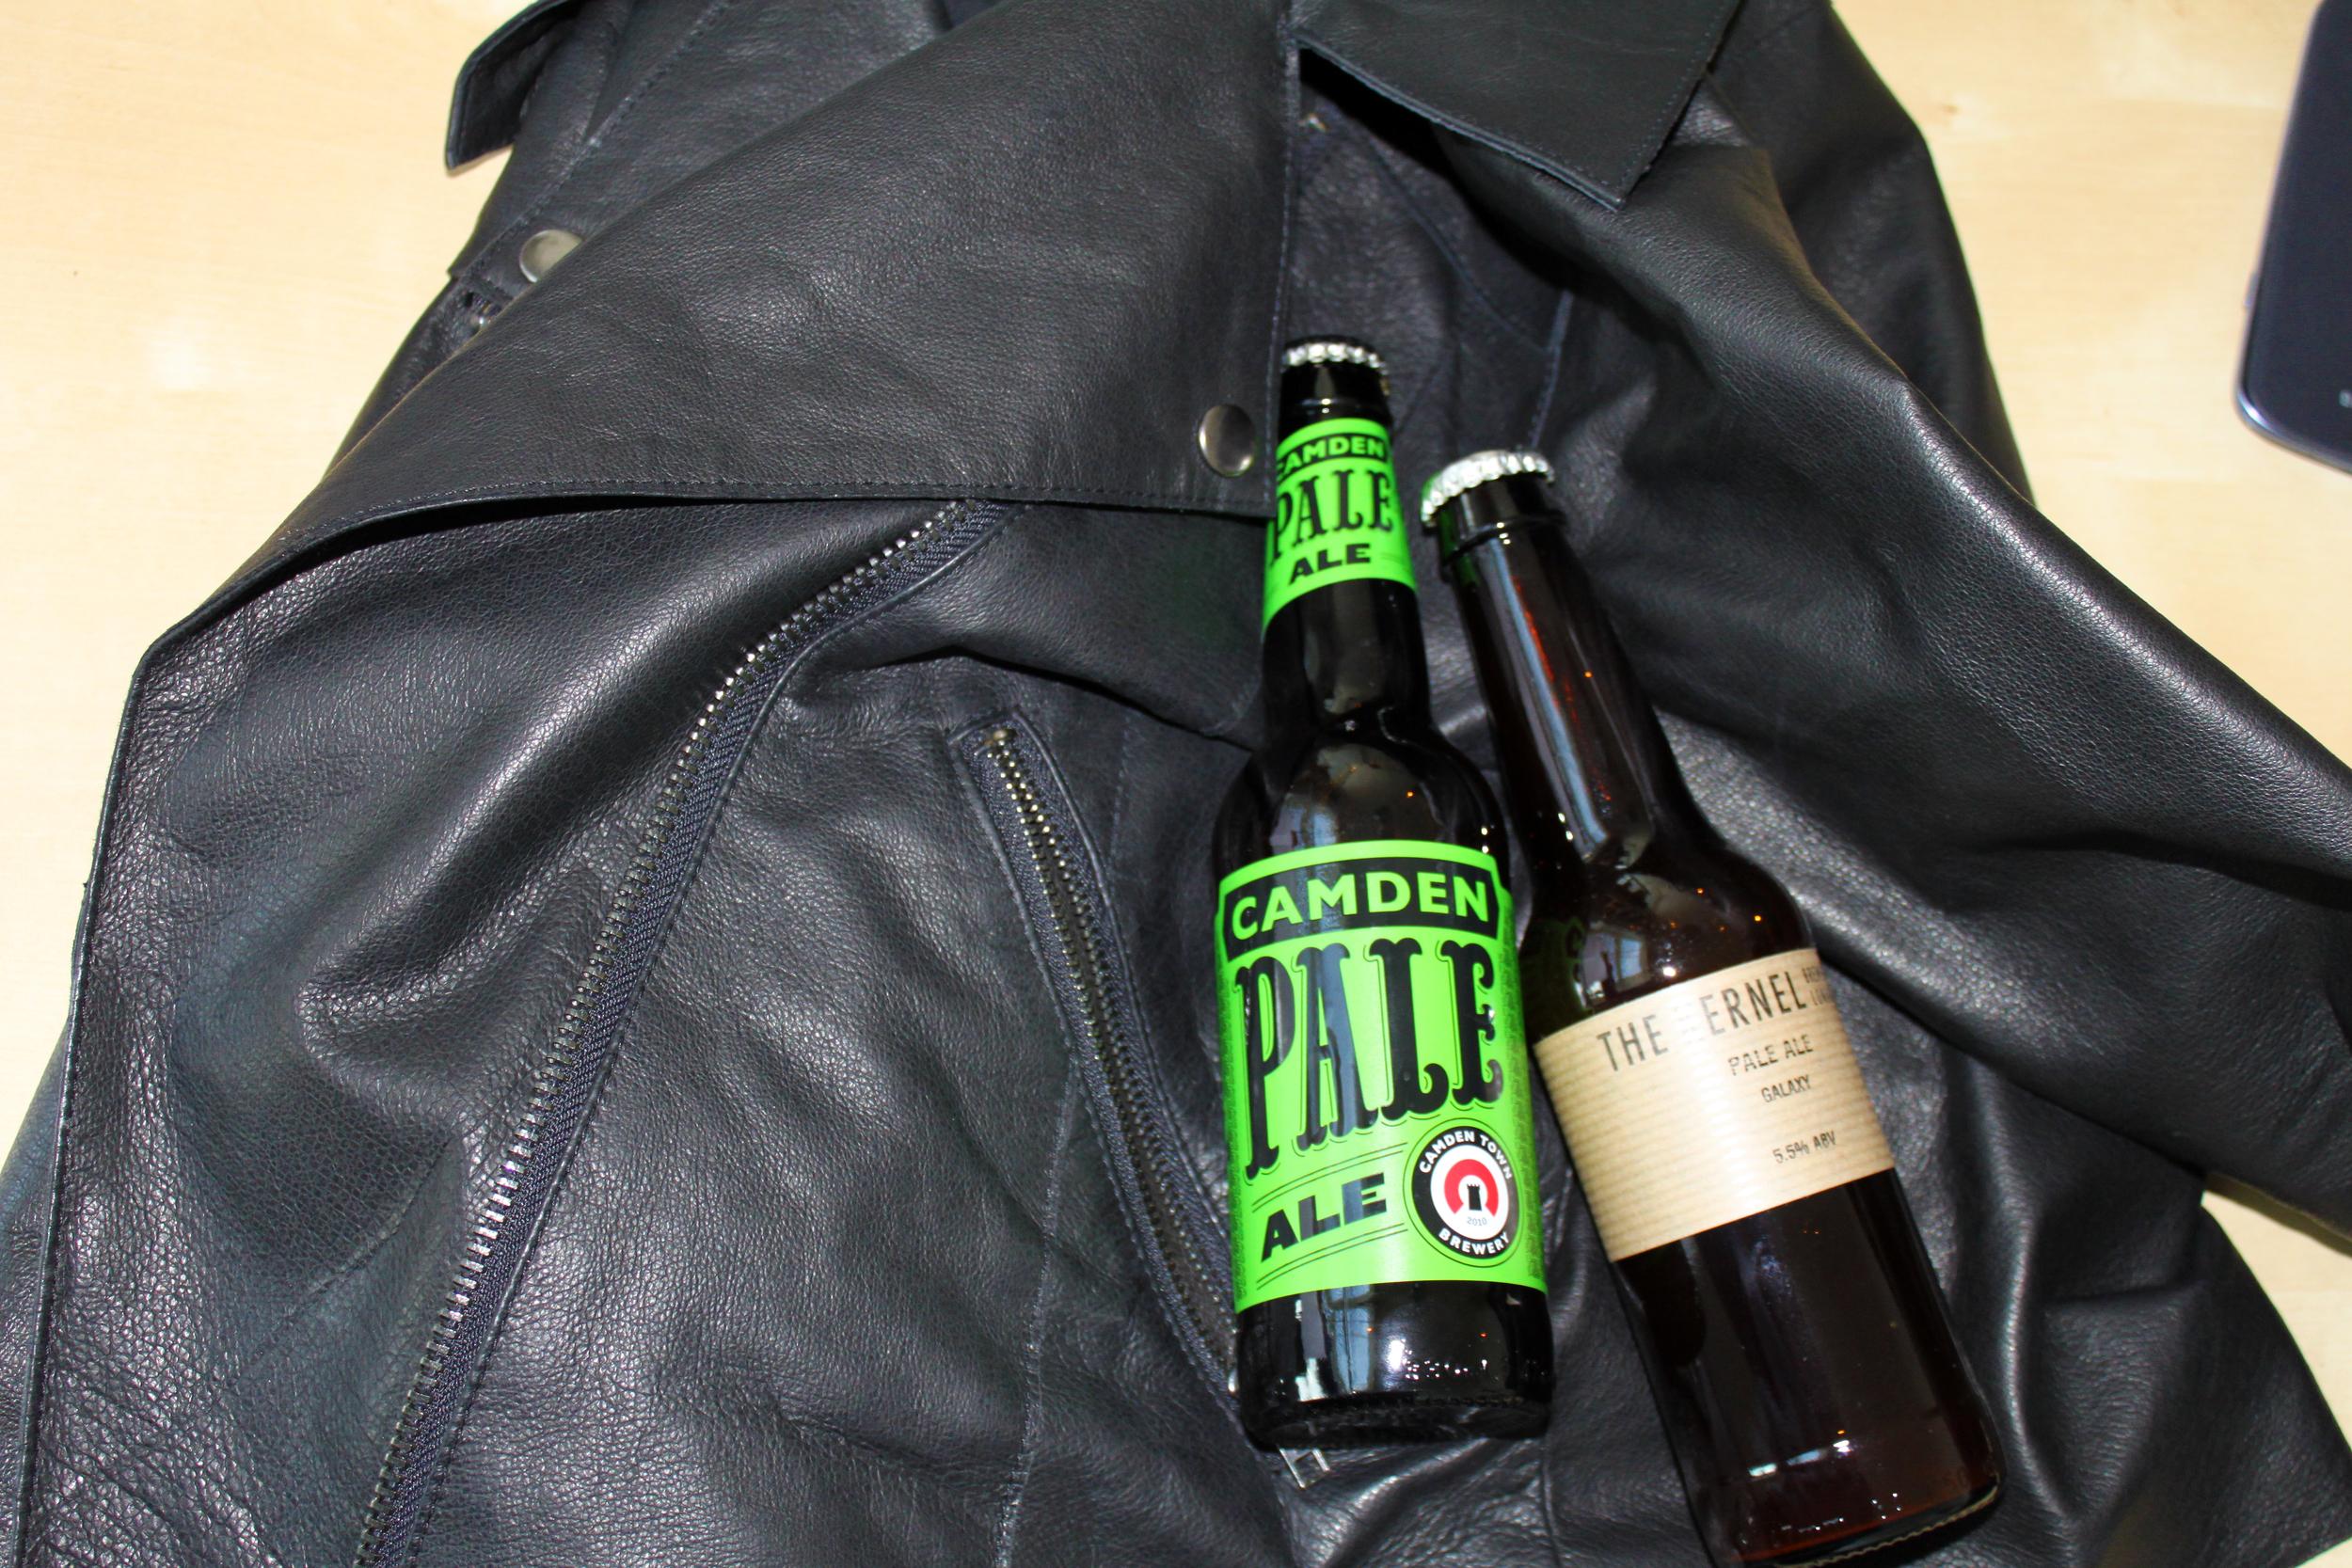 ASOS Leather Biker Jacket - Second Floor Flat